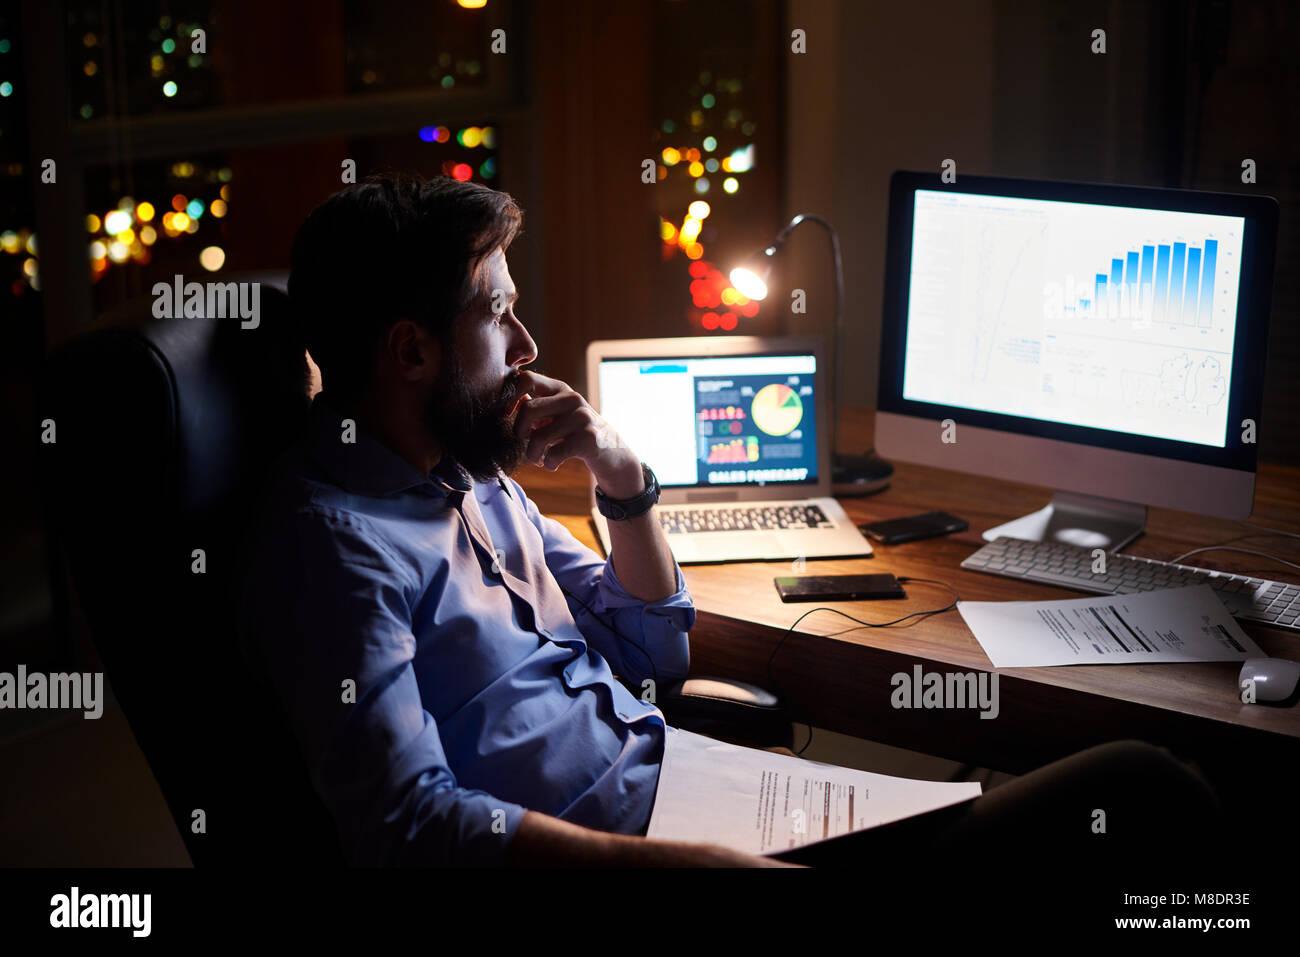 Junge Unternehmer starrte auf Computer im Büro Schreibtisch bei Nacht Stockbild